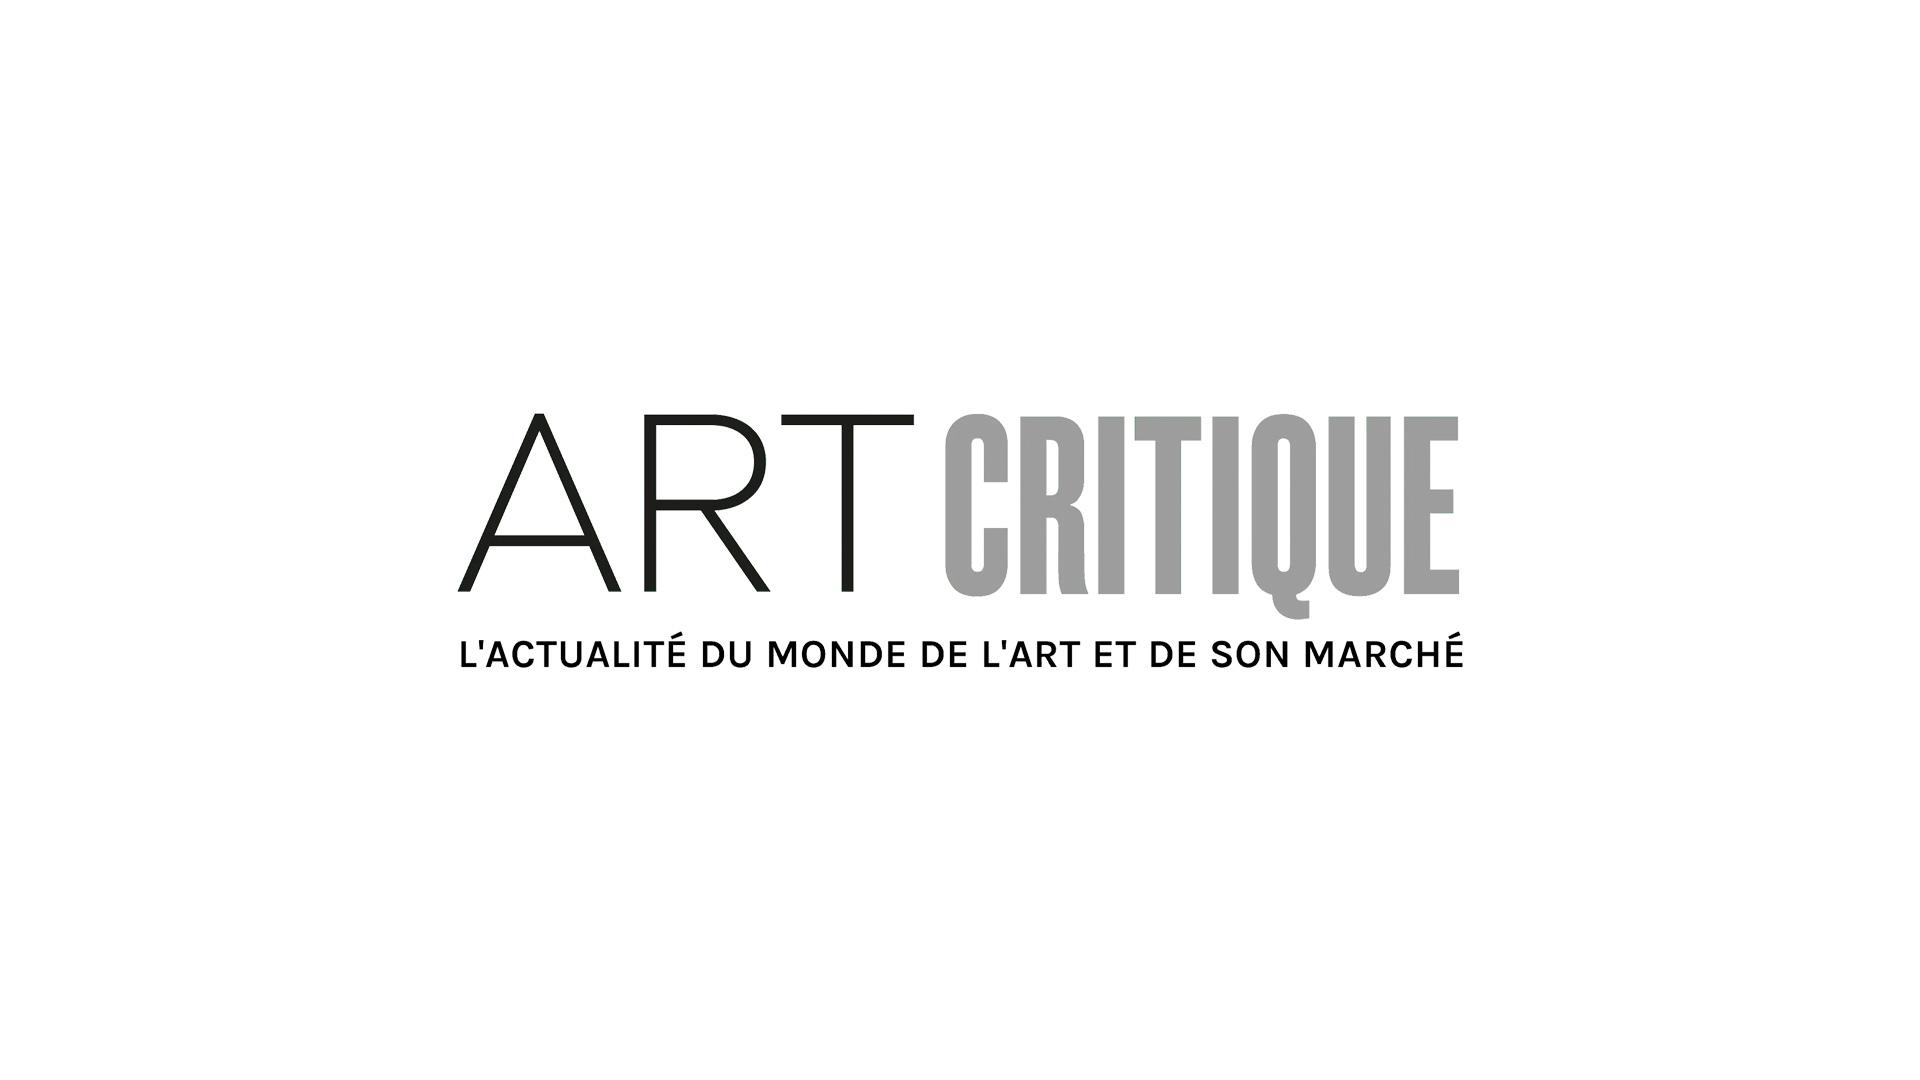 Le Paris de Raoul Dufy au Musée Montmartre